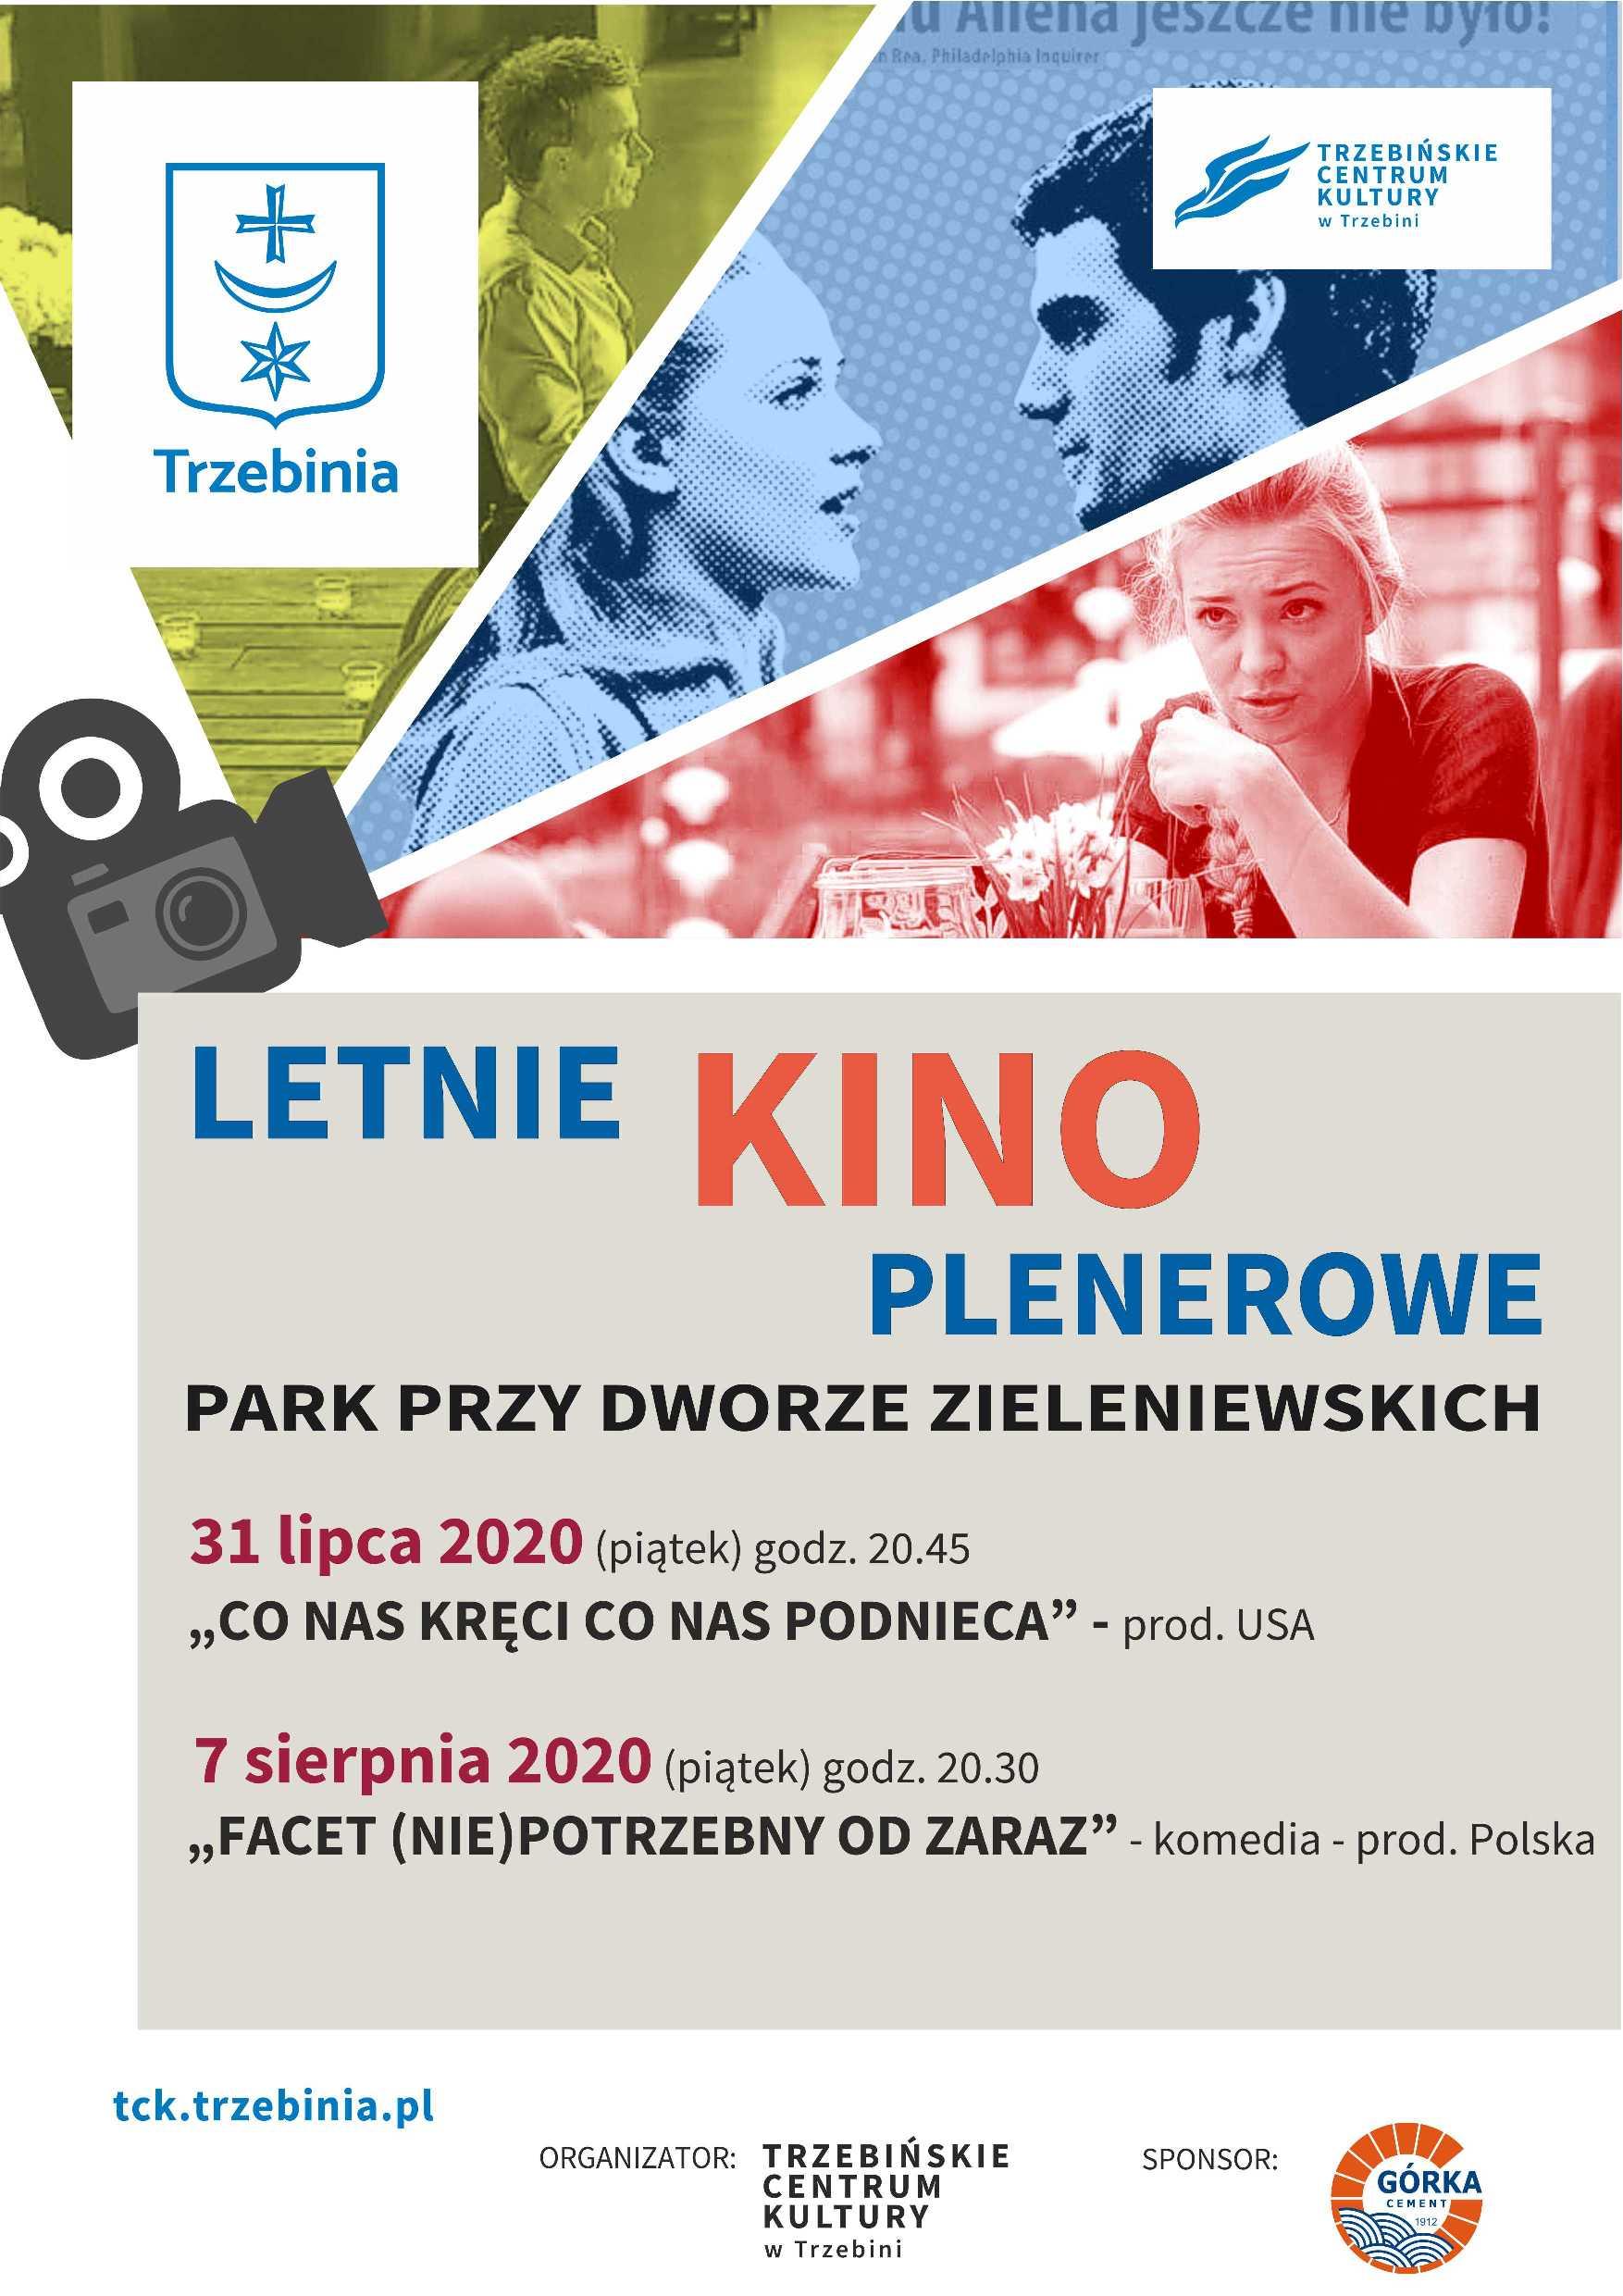 Letnie Kino Plenerowe 2020